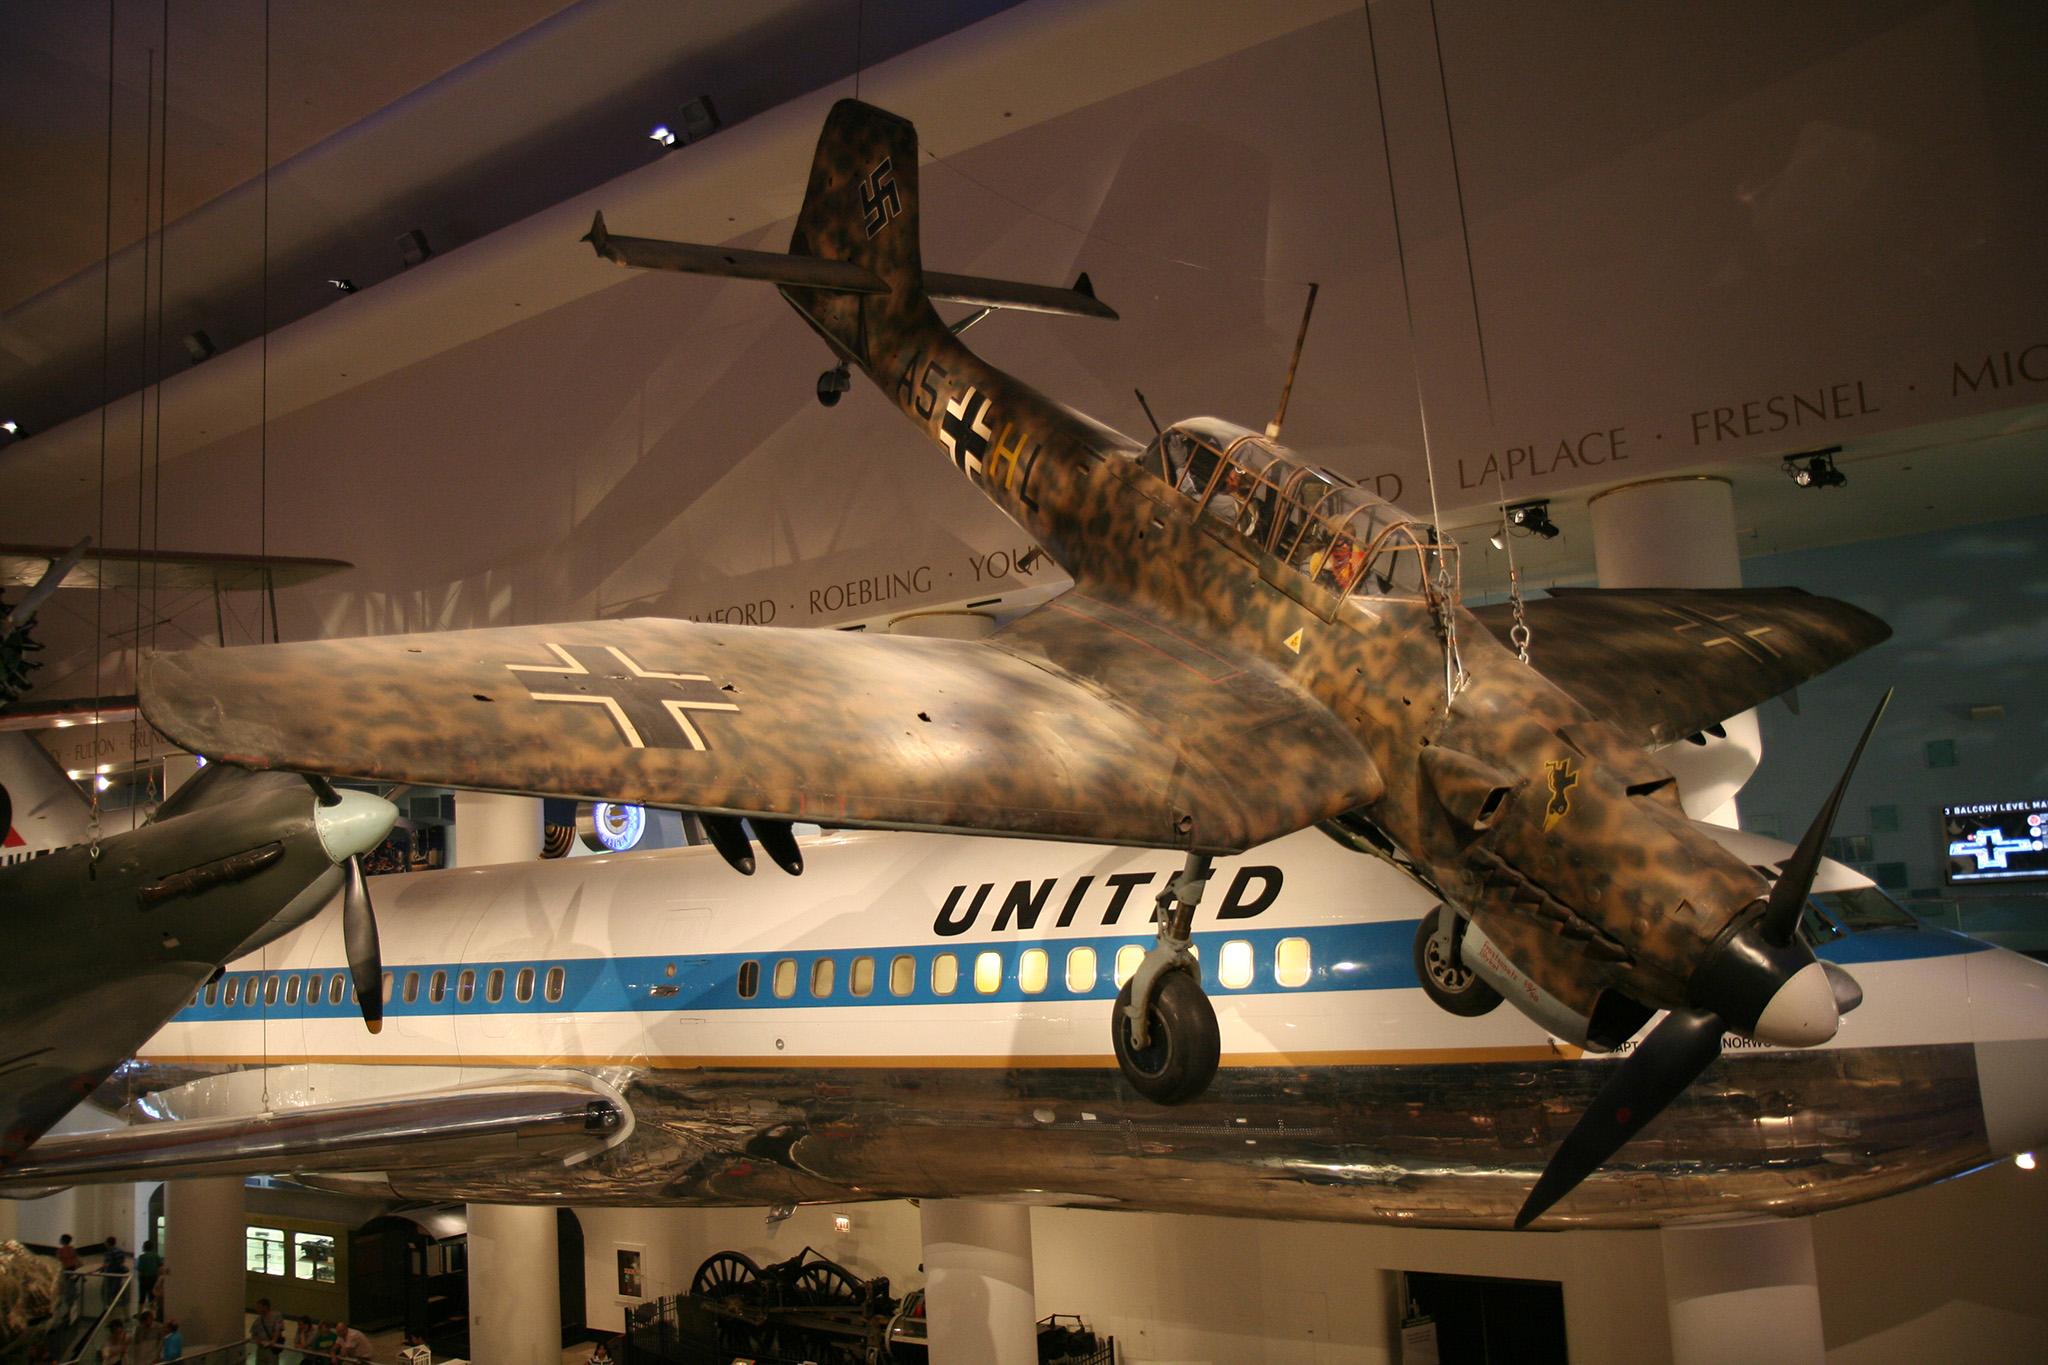 Junkers Ju 87 Stuka. Pese al mito de la Batalla de Inglaterra, cumplió con honor y en circunstancias casi imposibles con su misión de ataque a tierra -habitualmente en picado- en todos los frentes durante toda la guerra. Muy maniobrable, hasta con su carga de bombas, y capaz de resistir un terrible castigo.